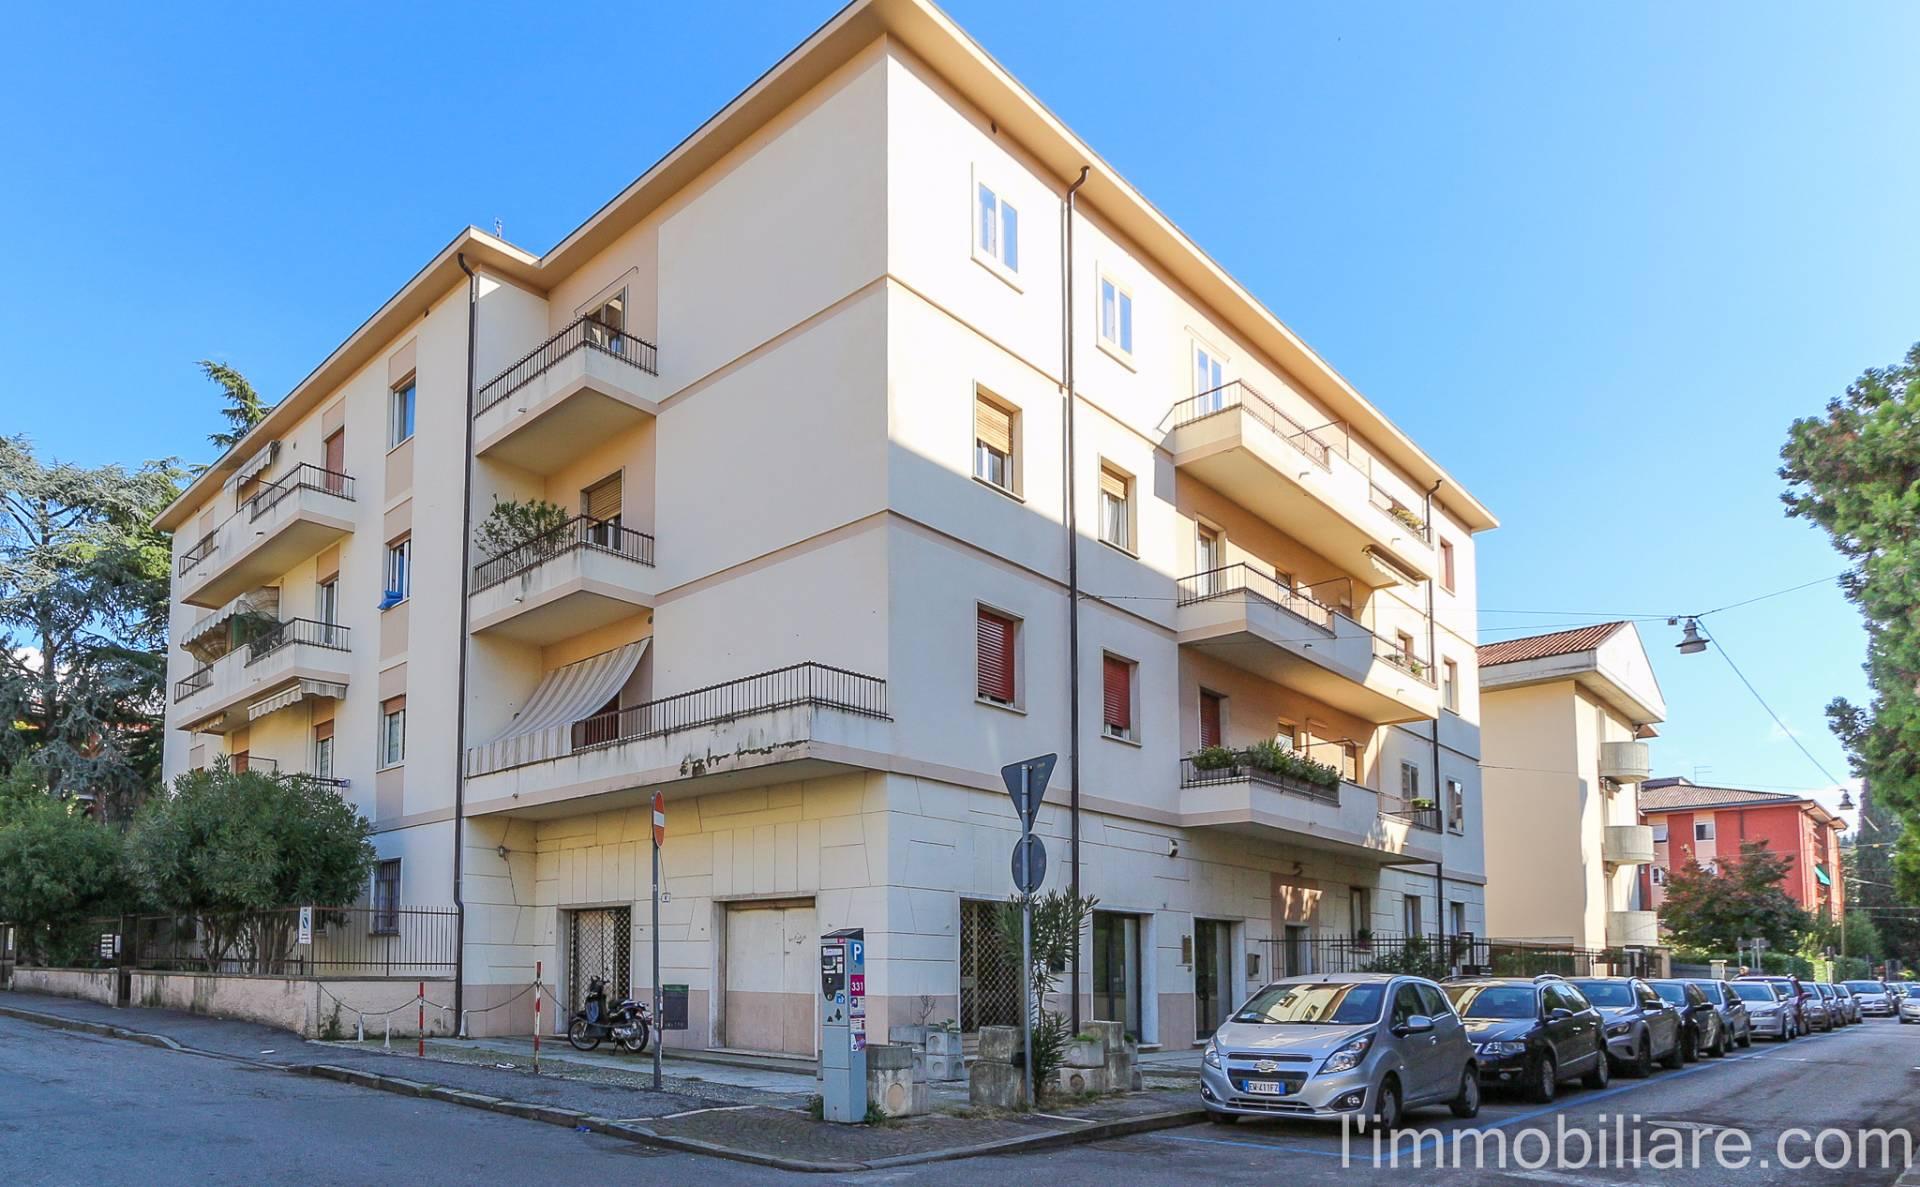 Negozio-locale in Affitto a Verona Semicentro Nord: 1 locali, 40 mq